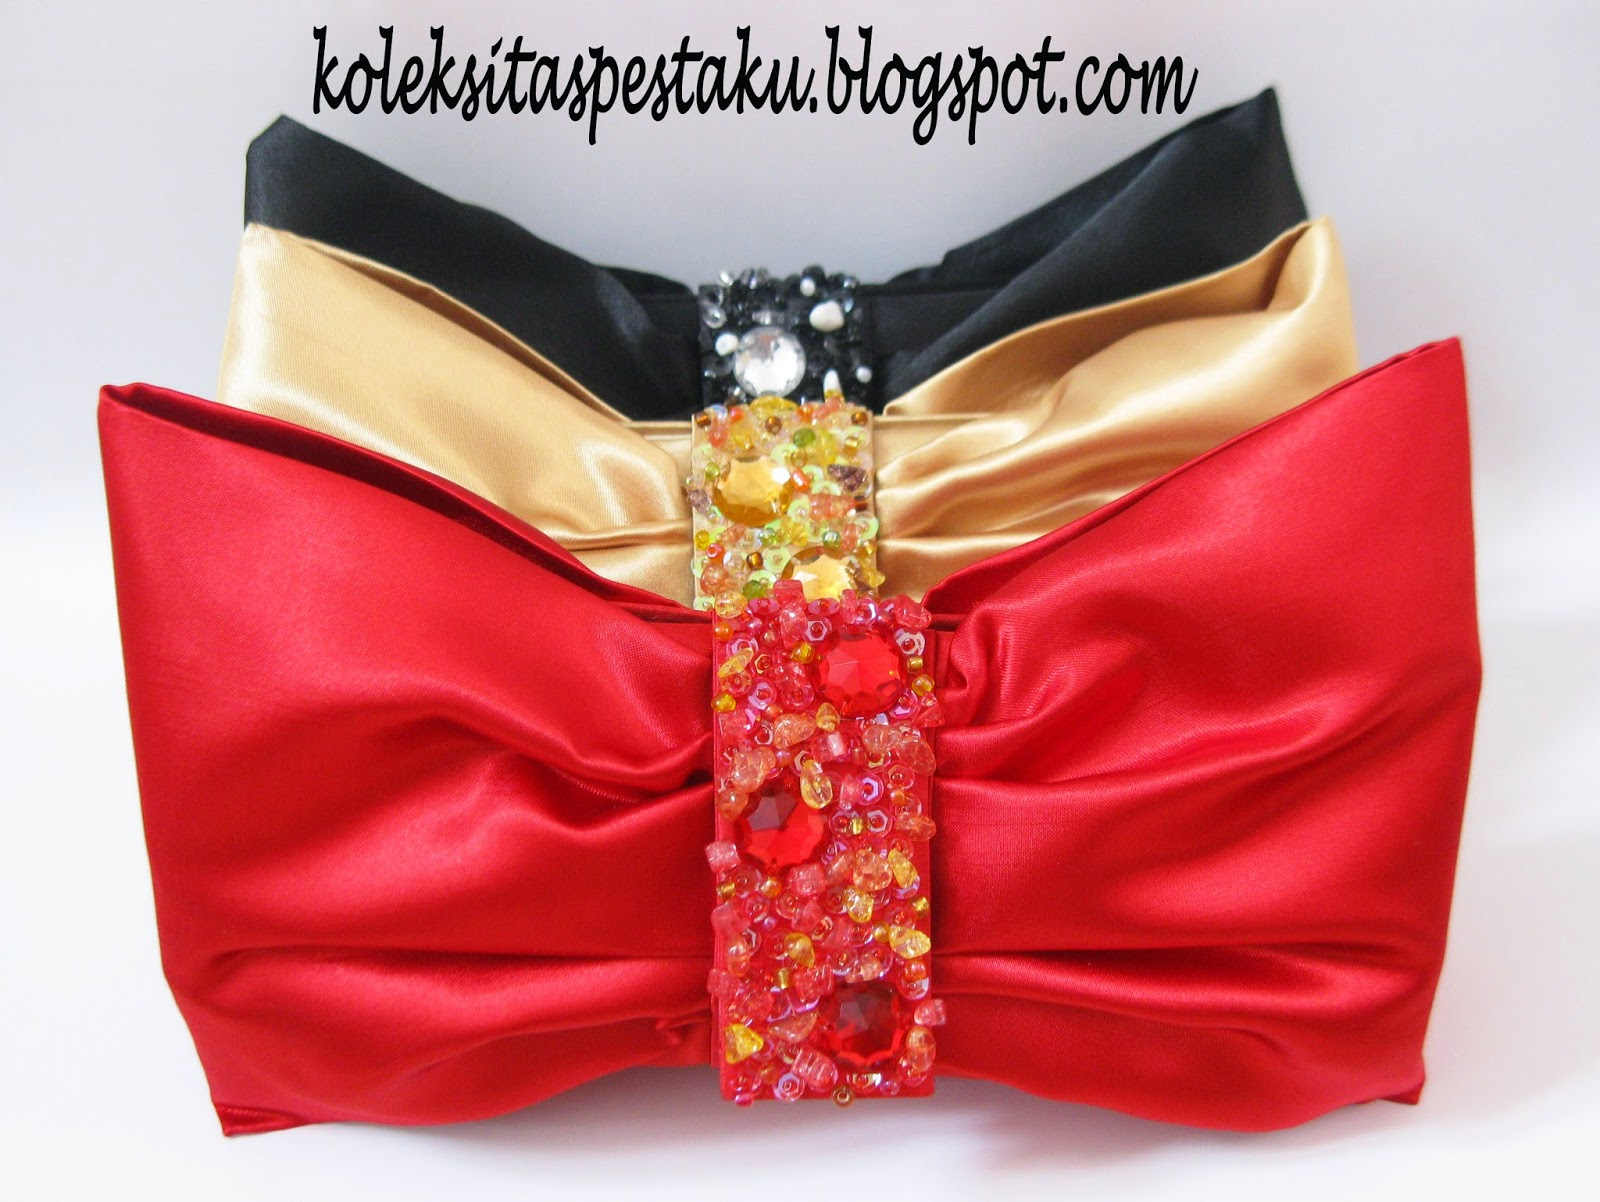 Hitam Gold Merah Clutch Bag Cantik Penuh Warna Tas Pesta Ku